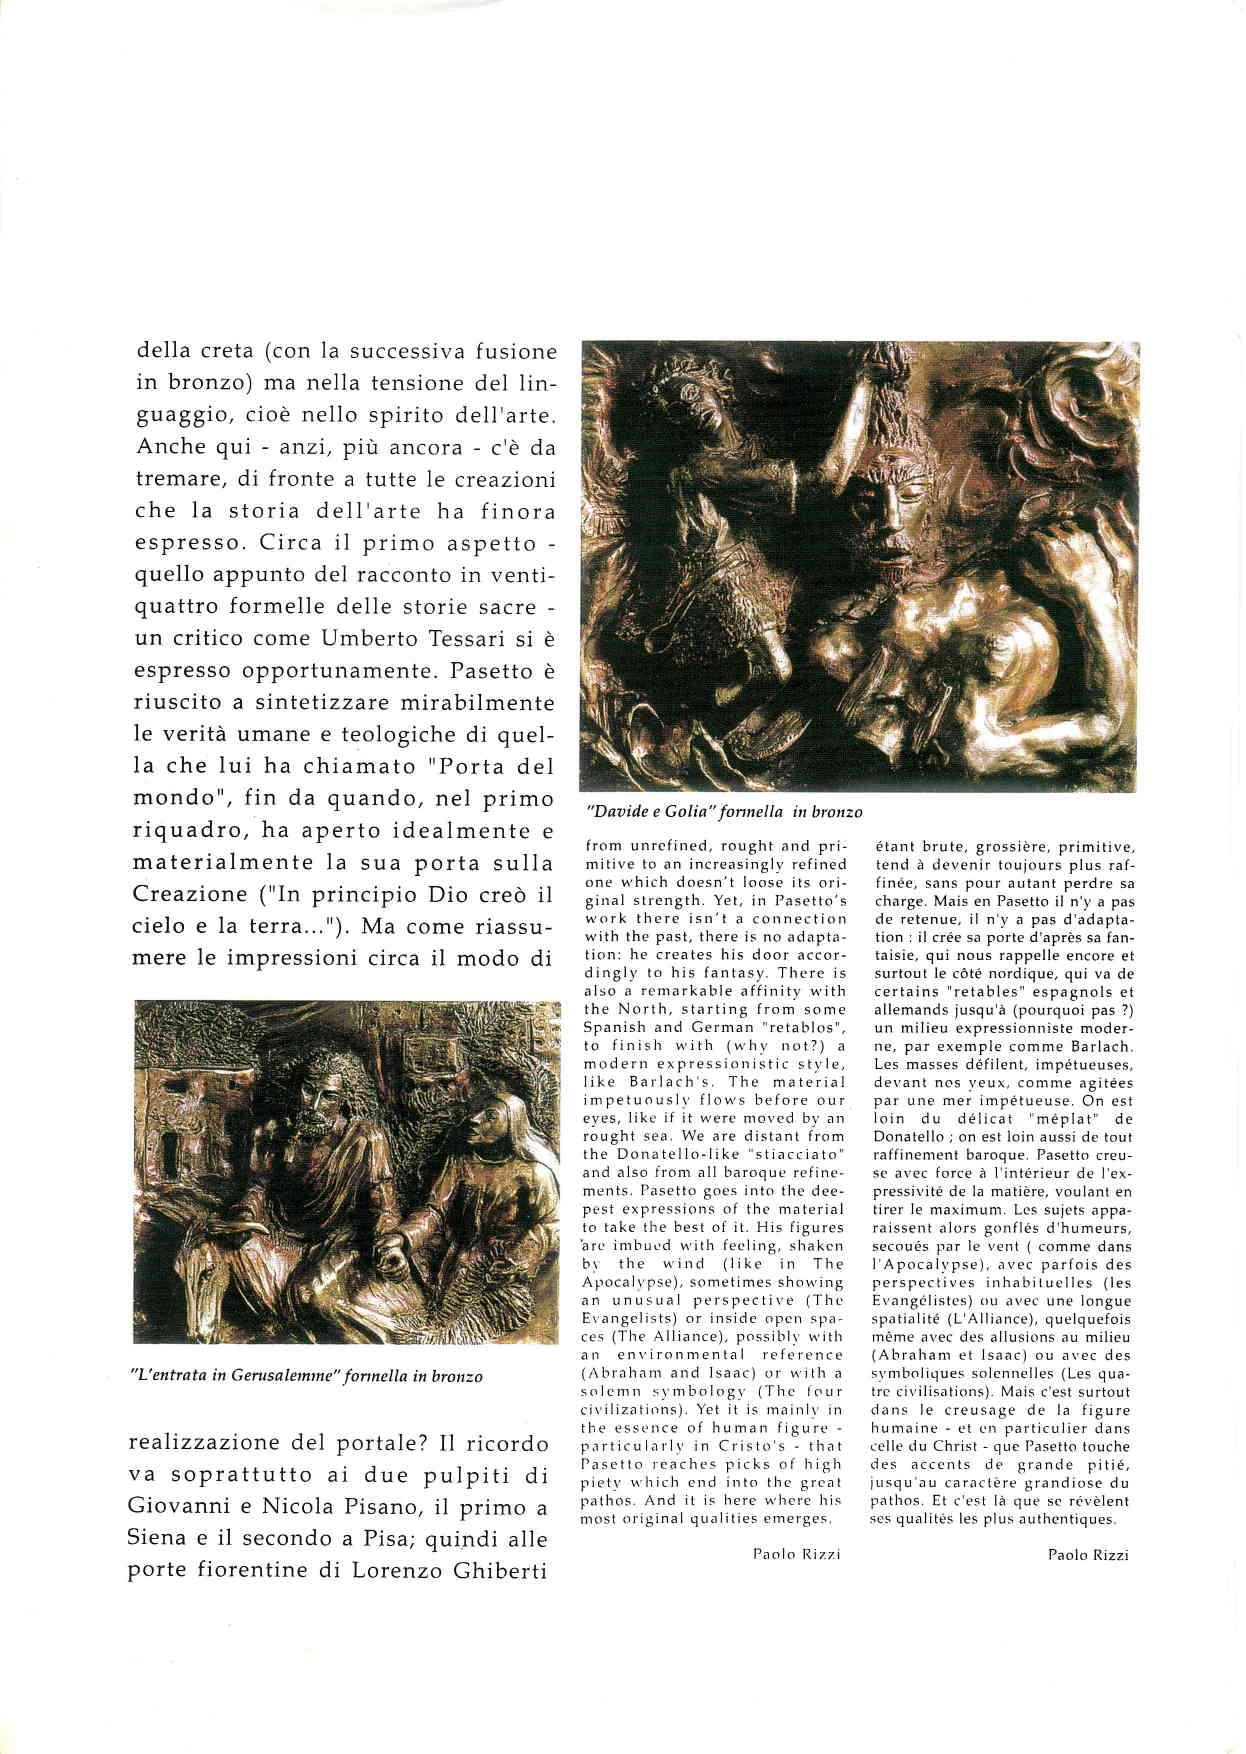 rivista_la_porta_sul_mondo 3